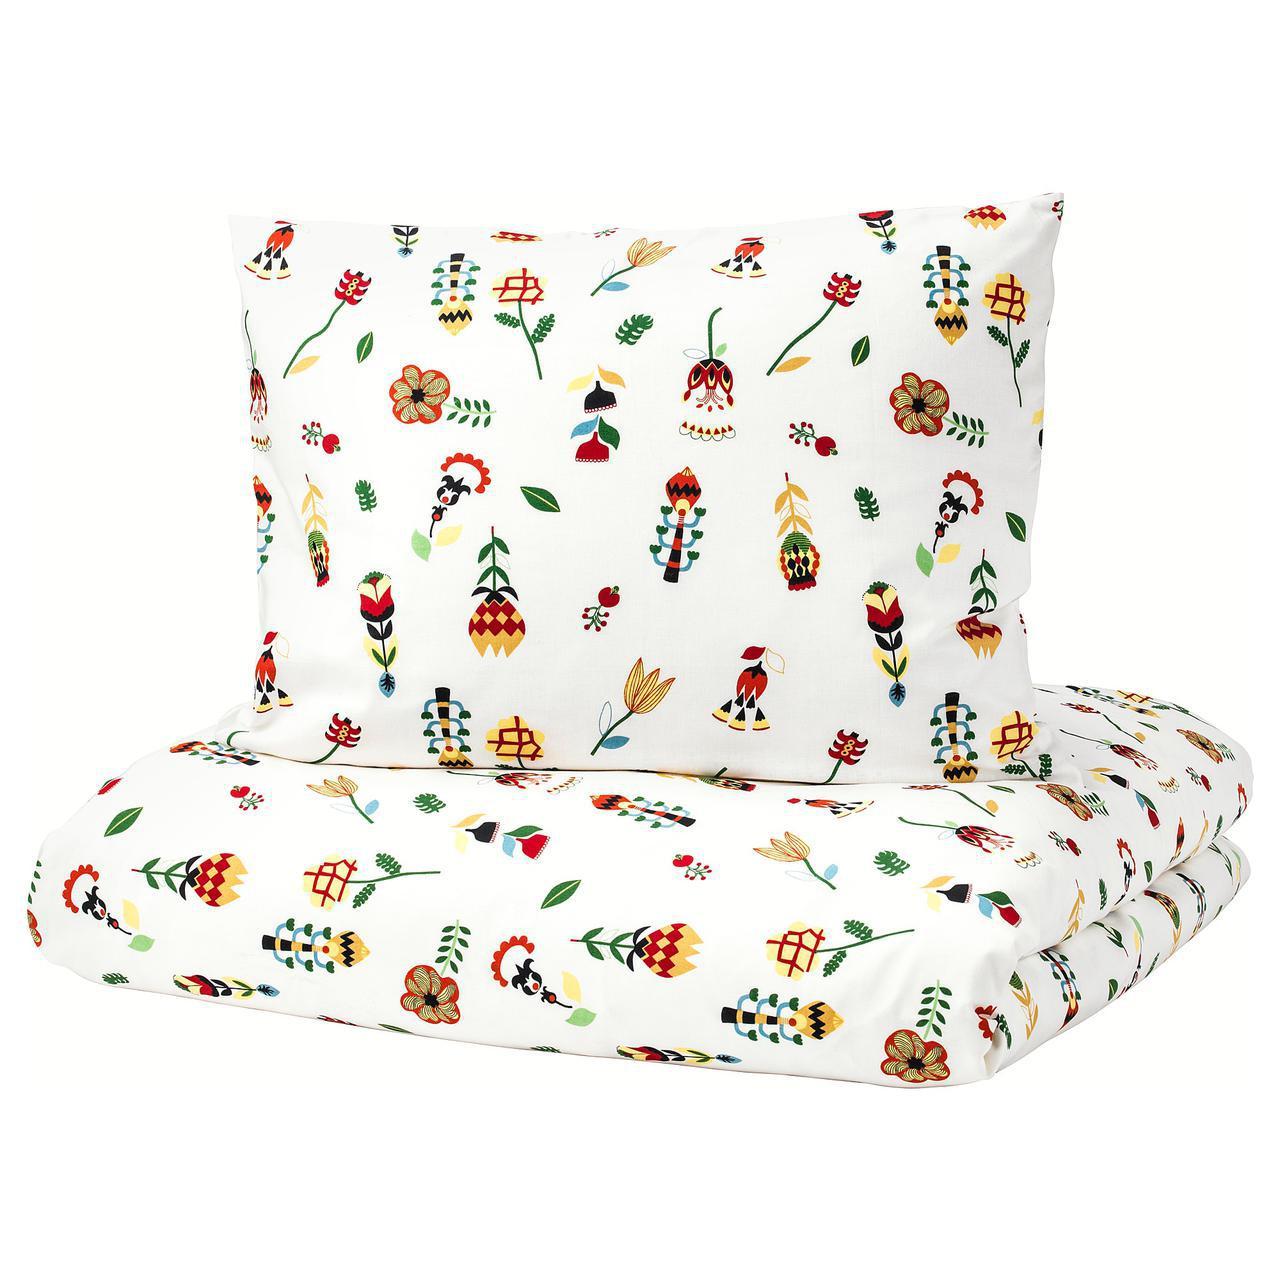 Комплект постельного белья IKEA ROSENFIBBLA 150х200 см цветочный узор 403.302.87